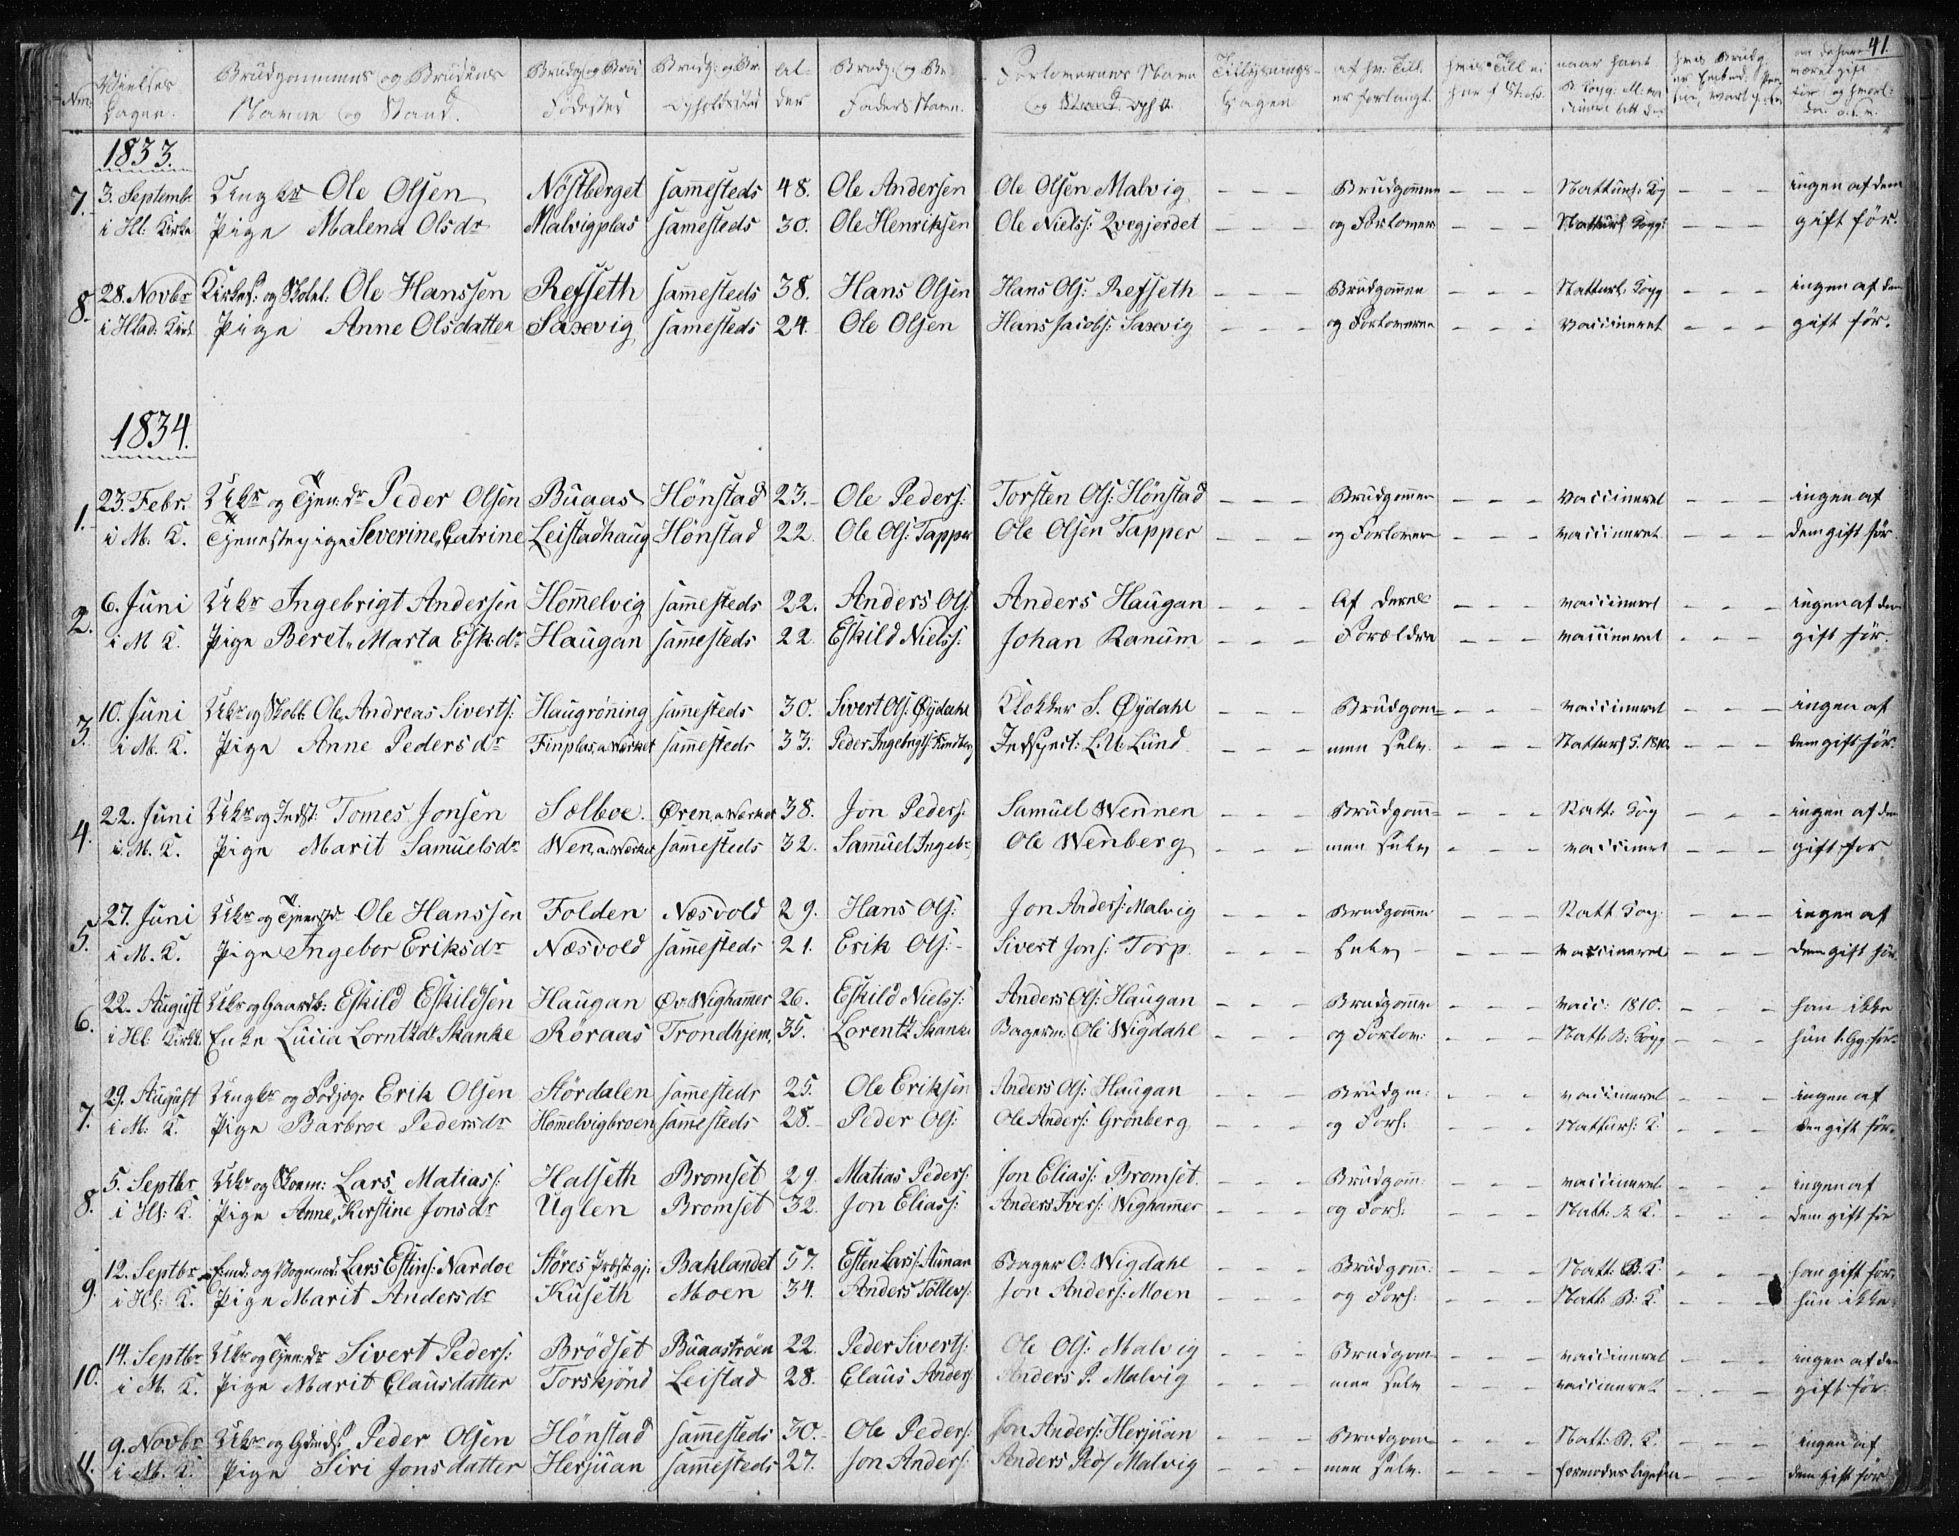 SAT, Ministerialprotokoller, klokkerbøker og fødselsregistre - Sør-Trøndelag, 616/L0405: Ministerialbok nr. 616A02, 1831-1842, s. 41